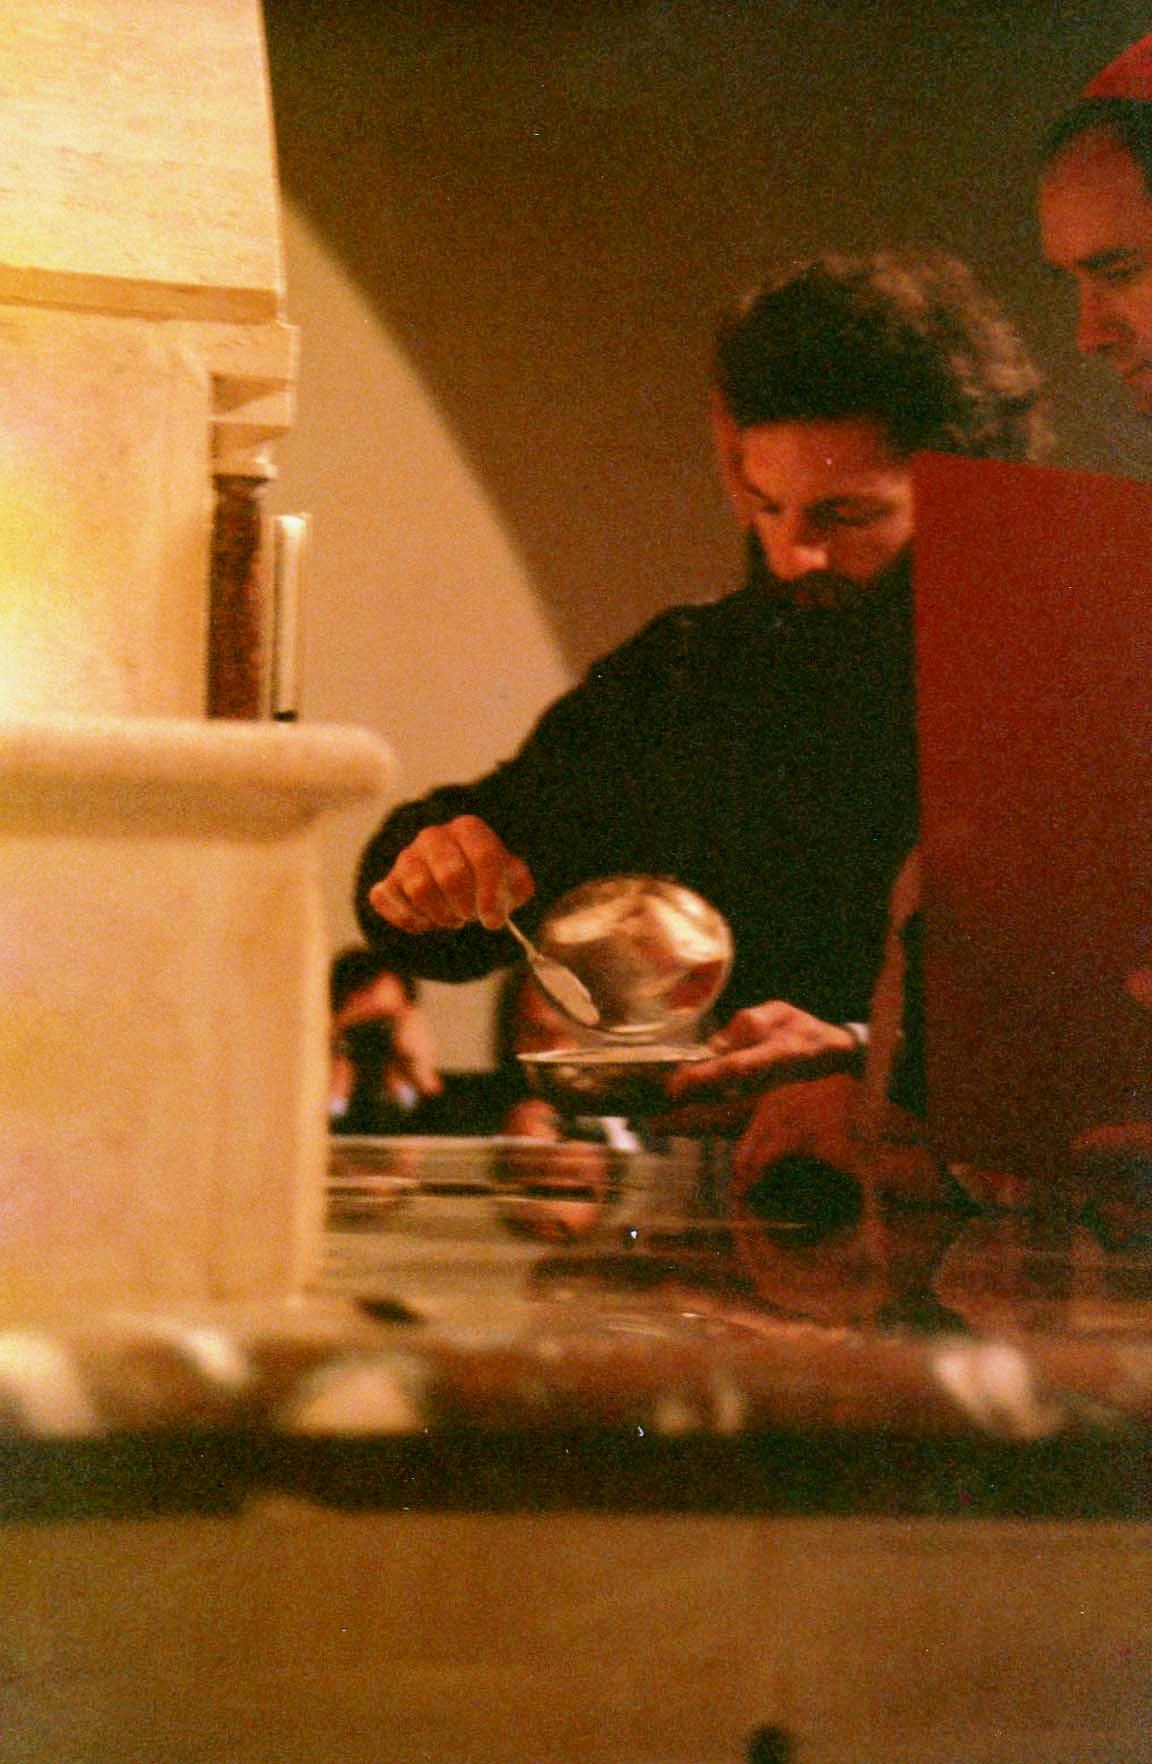 le maçon scelle les reliques dans l'autel